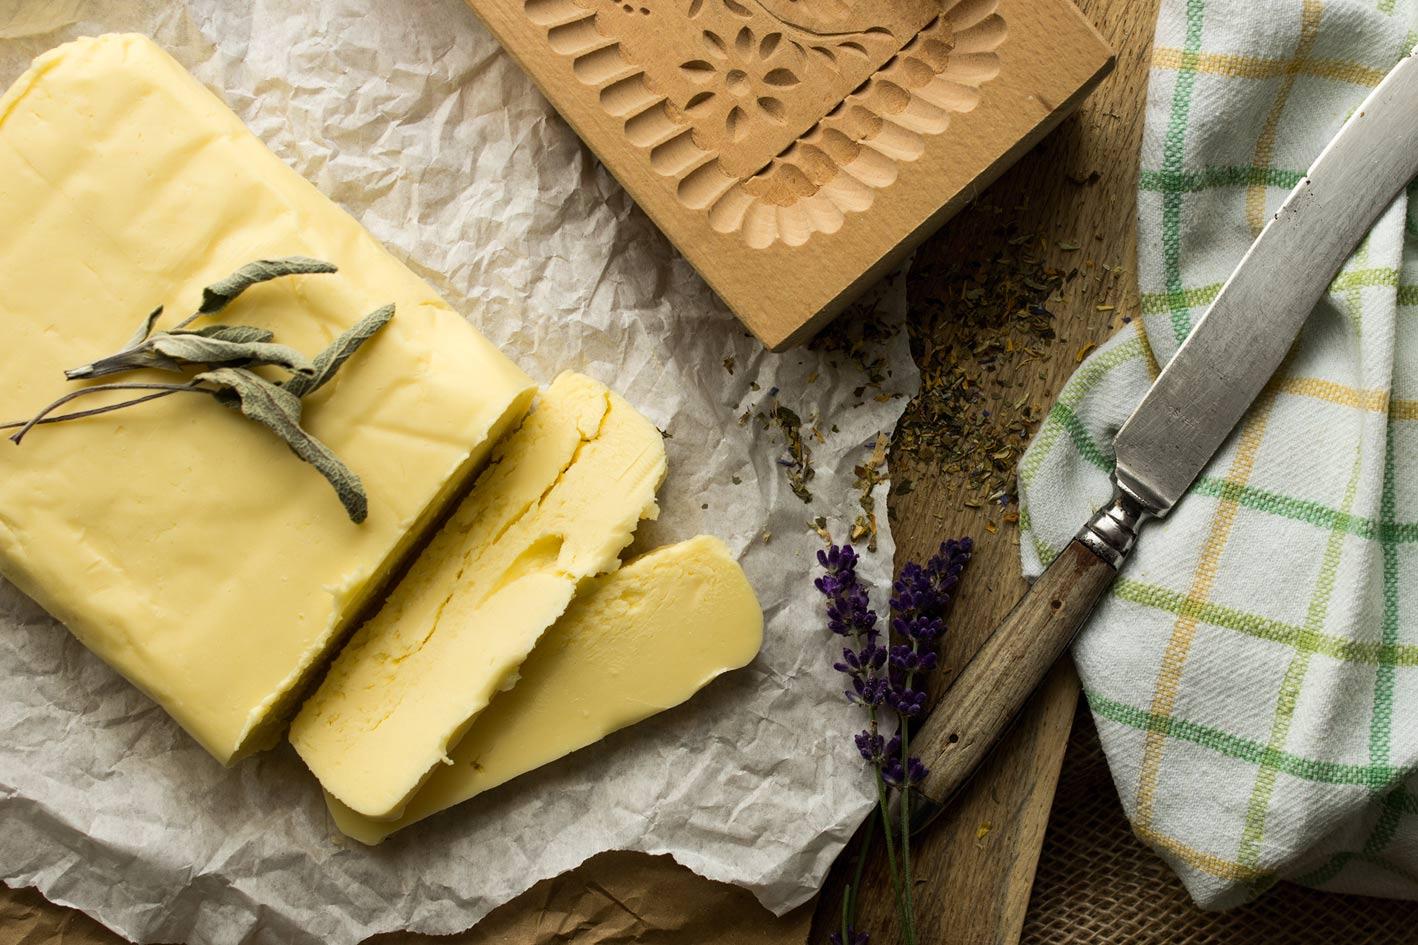 kaeserei-hoeflmaier-butter